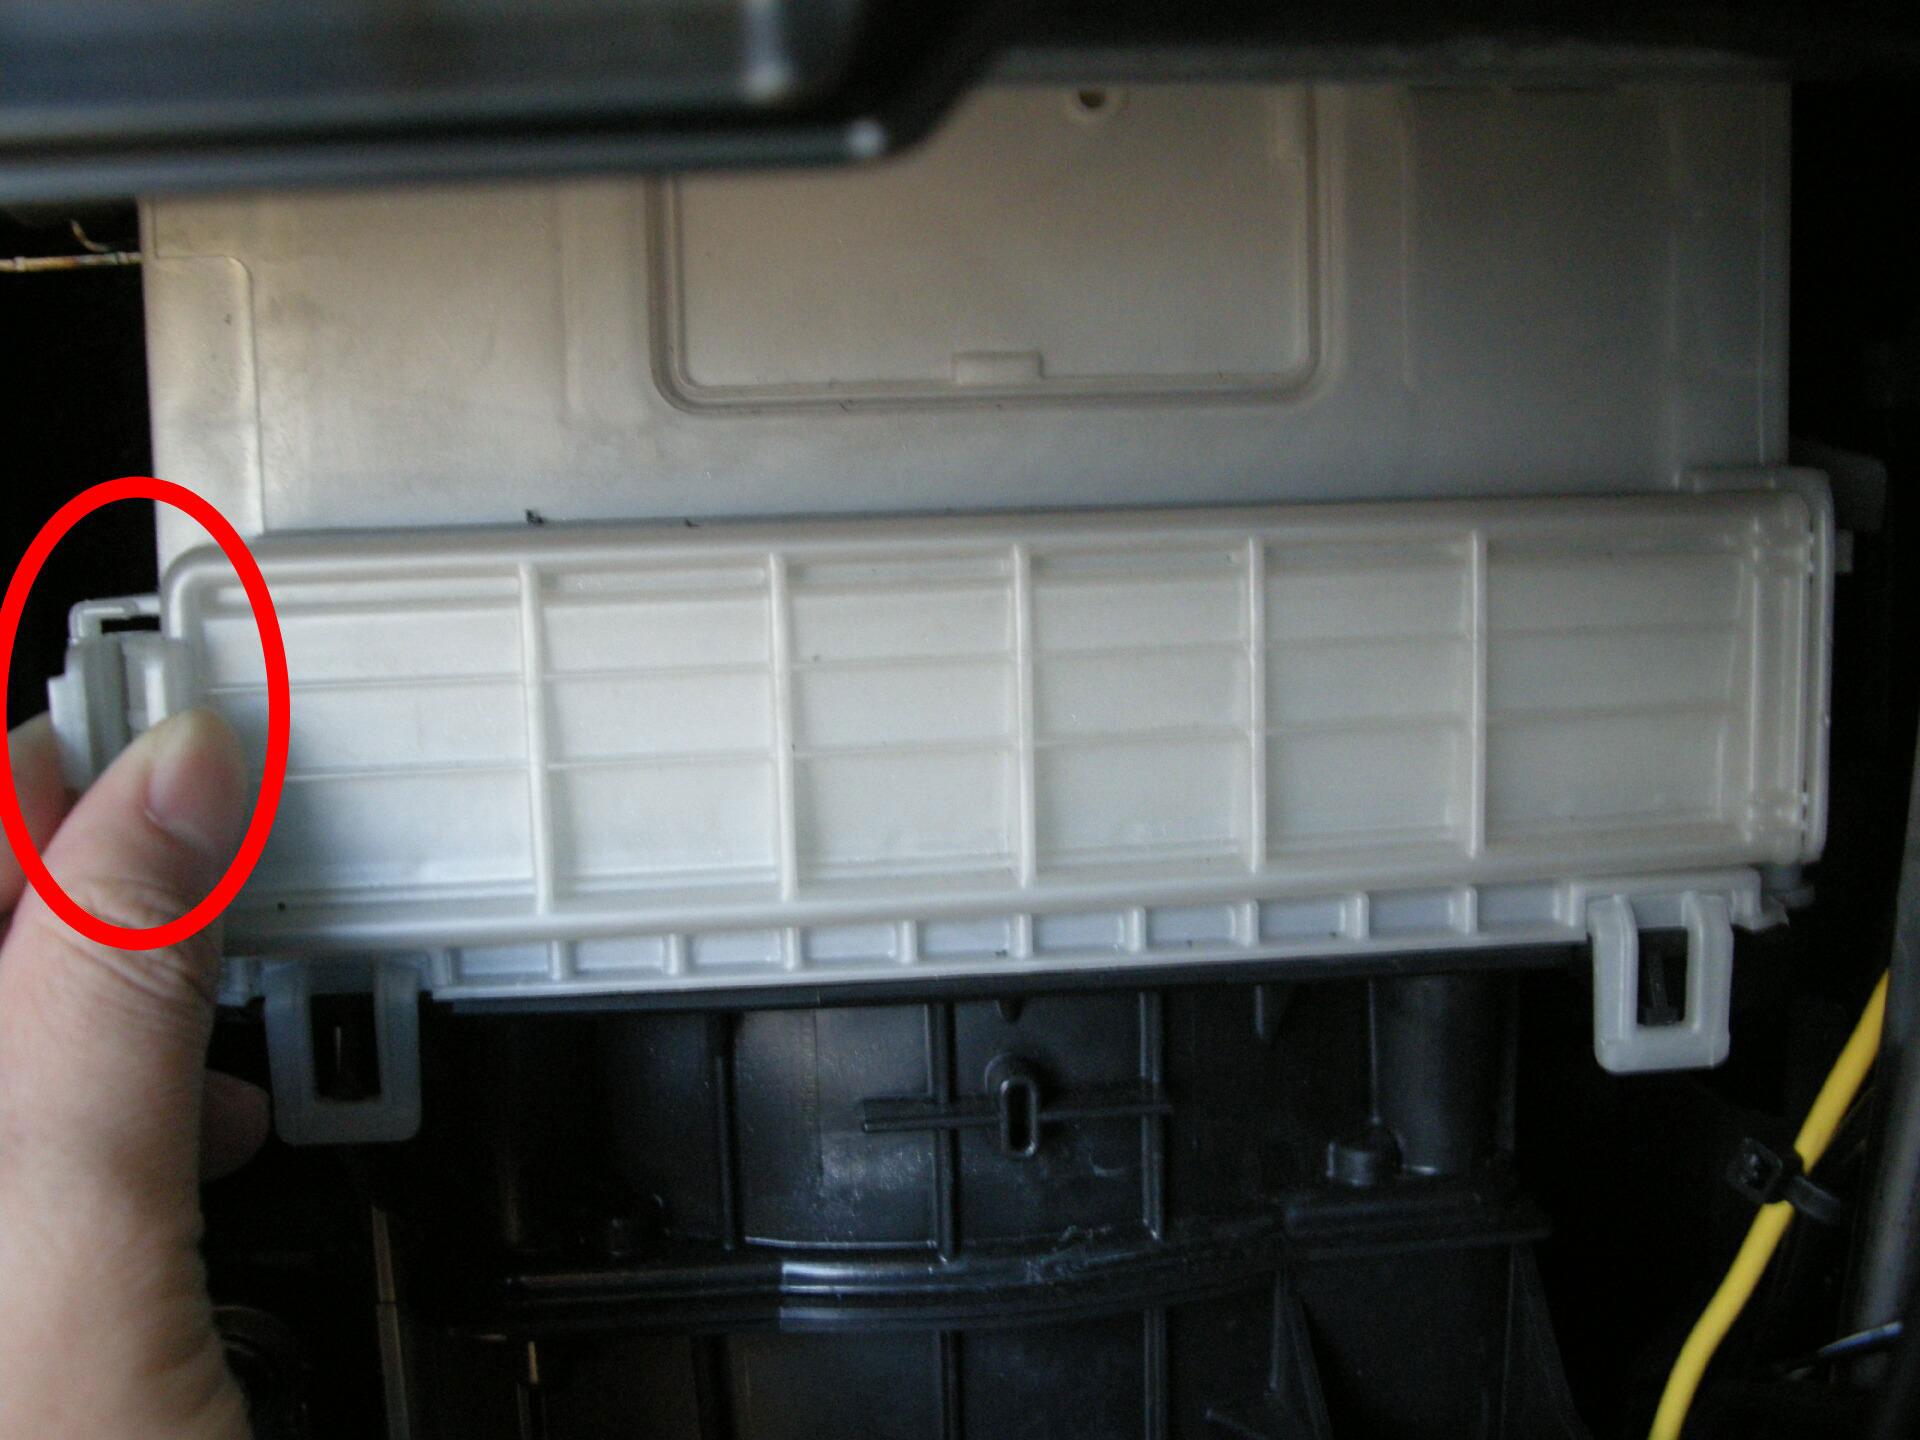 3.白いカバーがあるので、○印の取っ手をつまんで開き、取り外す。(このとき、反対側のツメが折れやすいので注意!)